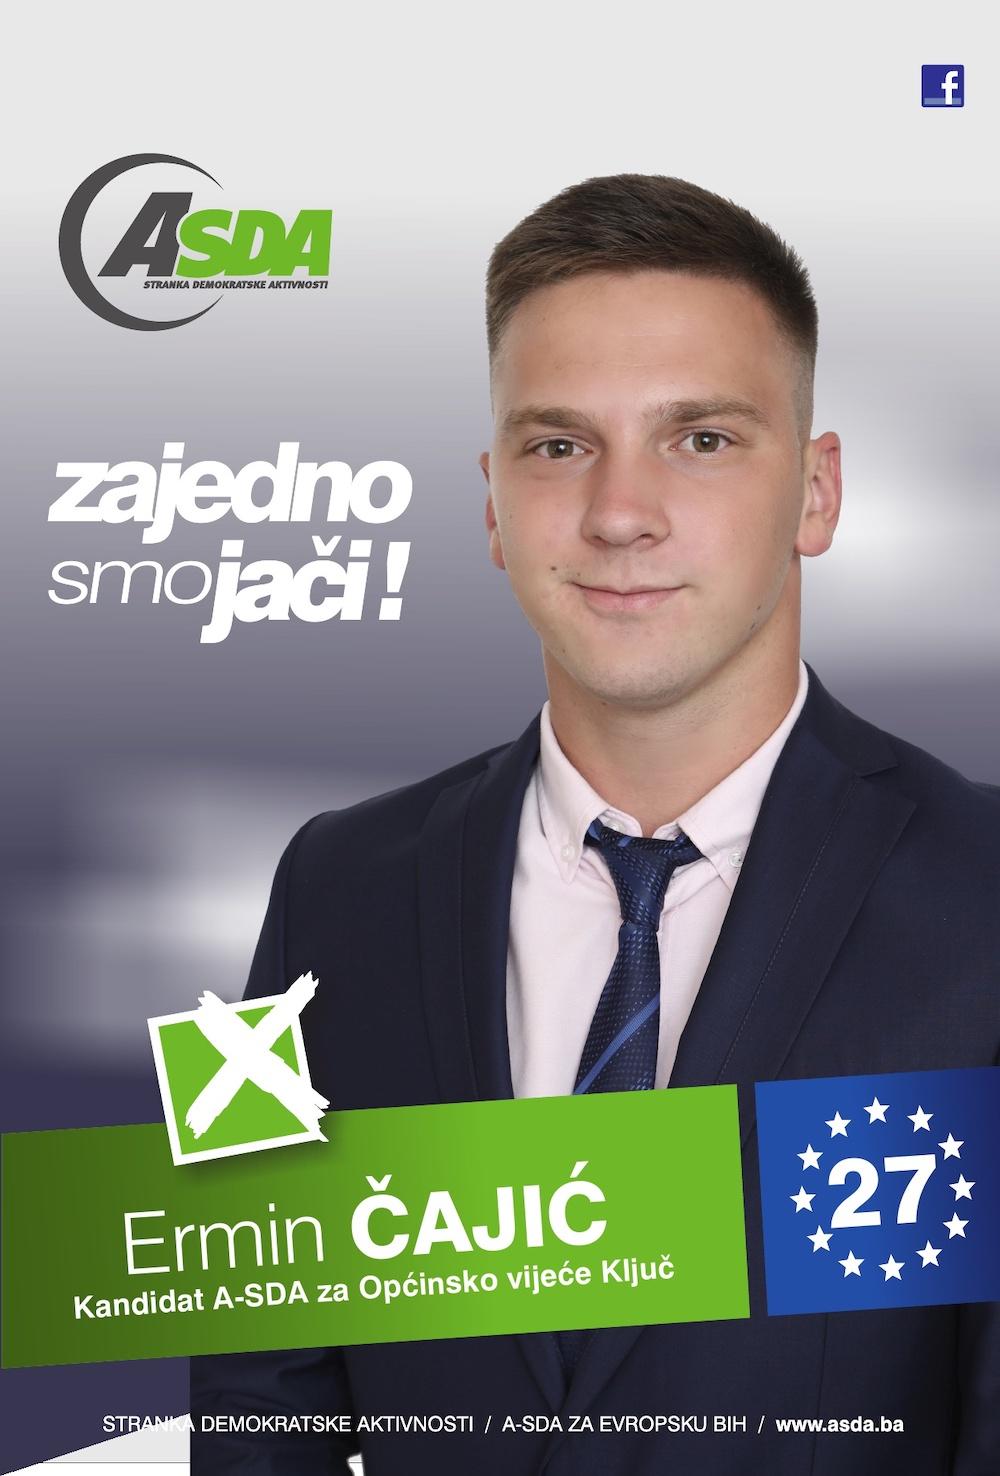 Ermin Čajić